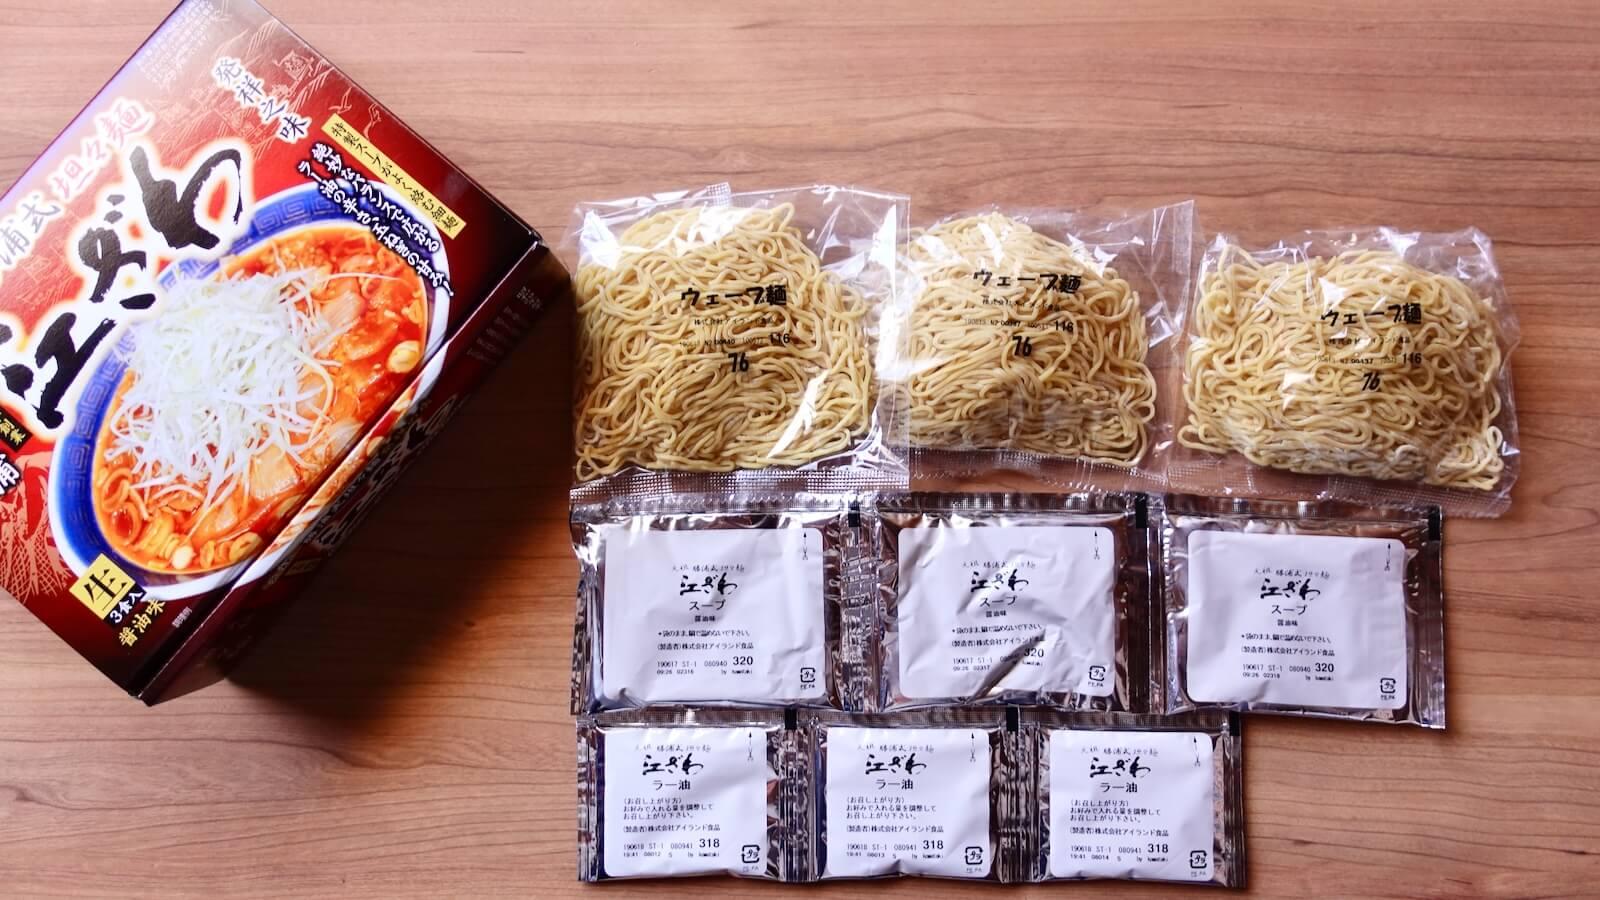 Katsuura Tantan Noodles Ezawa Instant Ramen Package Contents